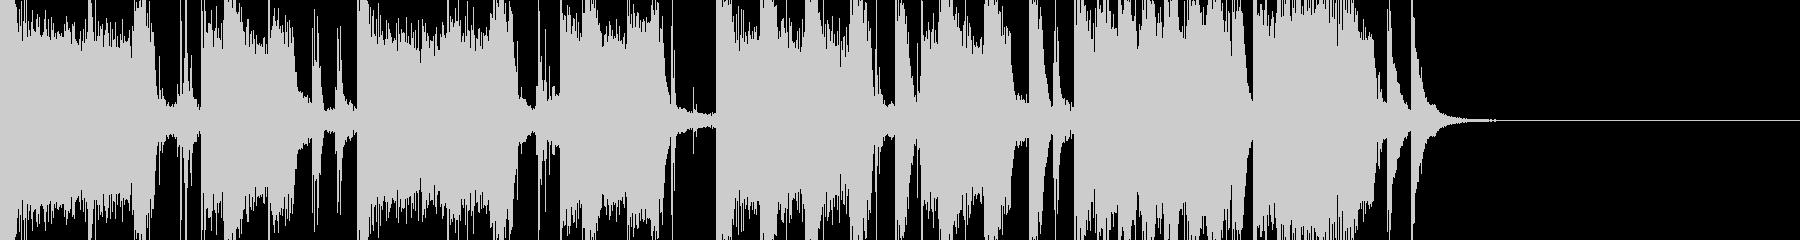 ロックっぽいジングルの未再生の波形